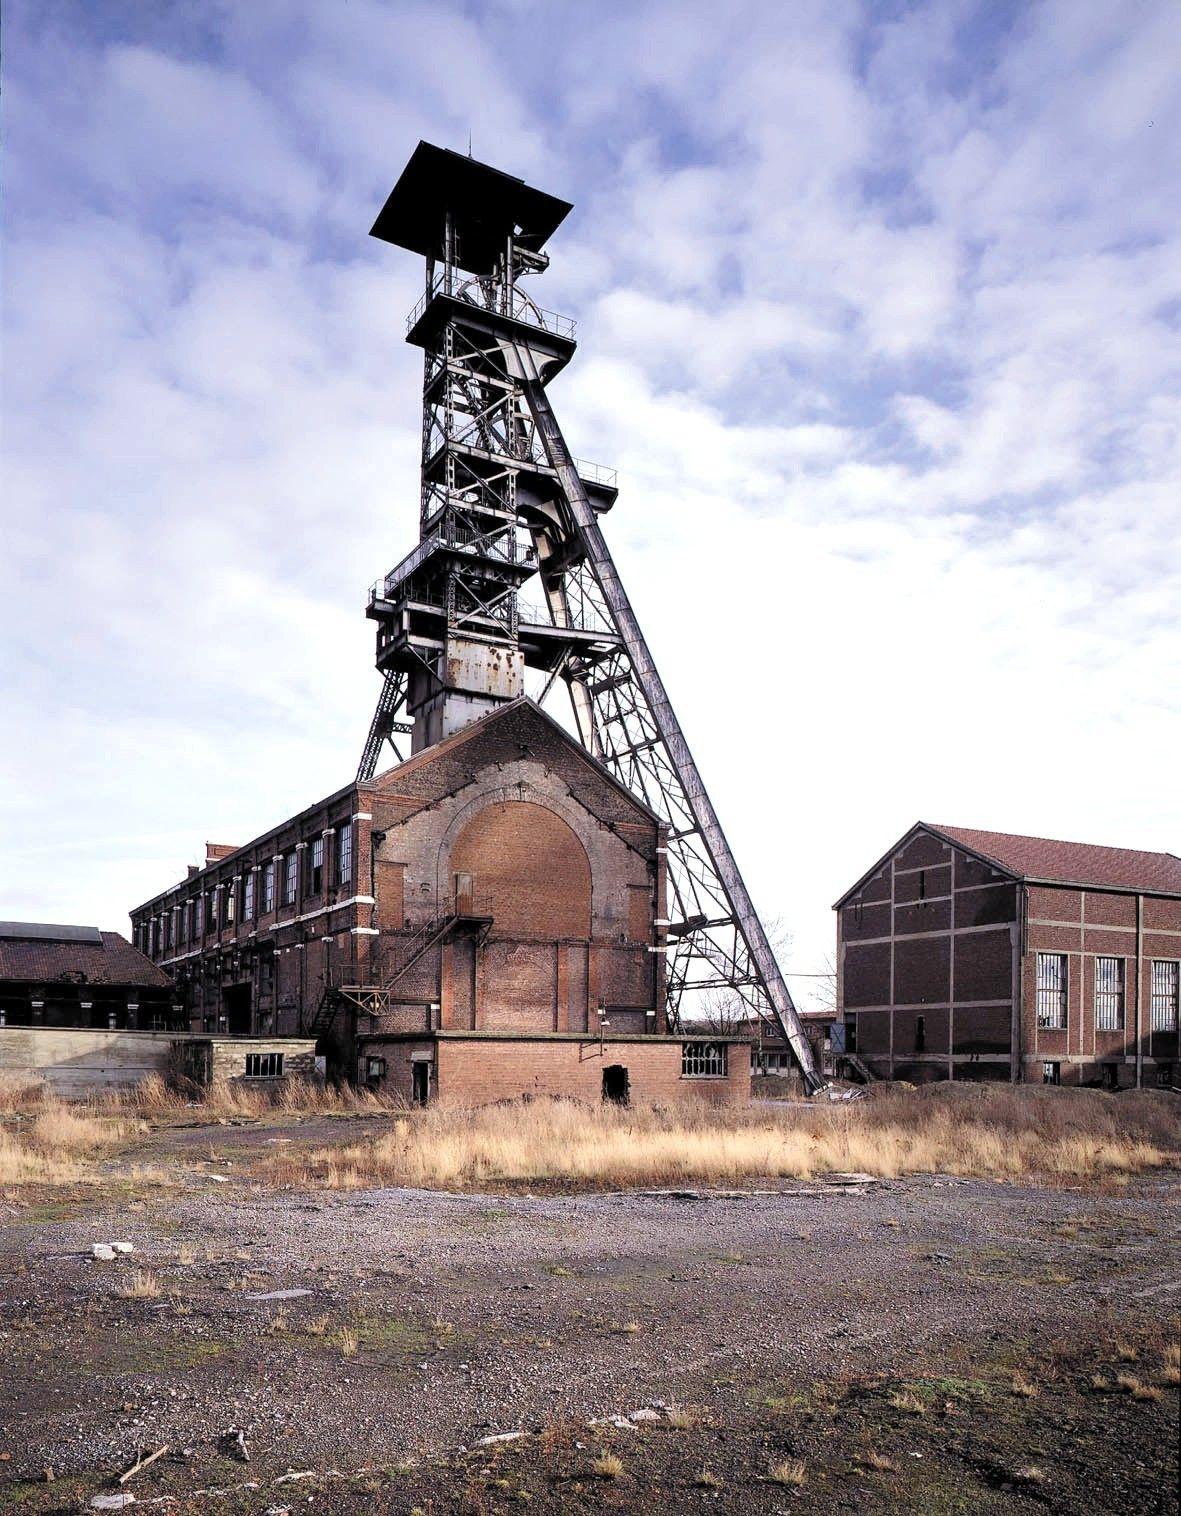 Mines De Charbon En France : mines, charbon, france, Cité, Minière, Wallers-Arenberg,, Pas-de-Calais, France, Paysage, Industriel,, Ville, France,, Village, Francais